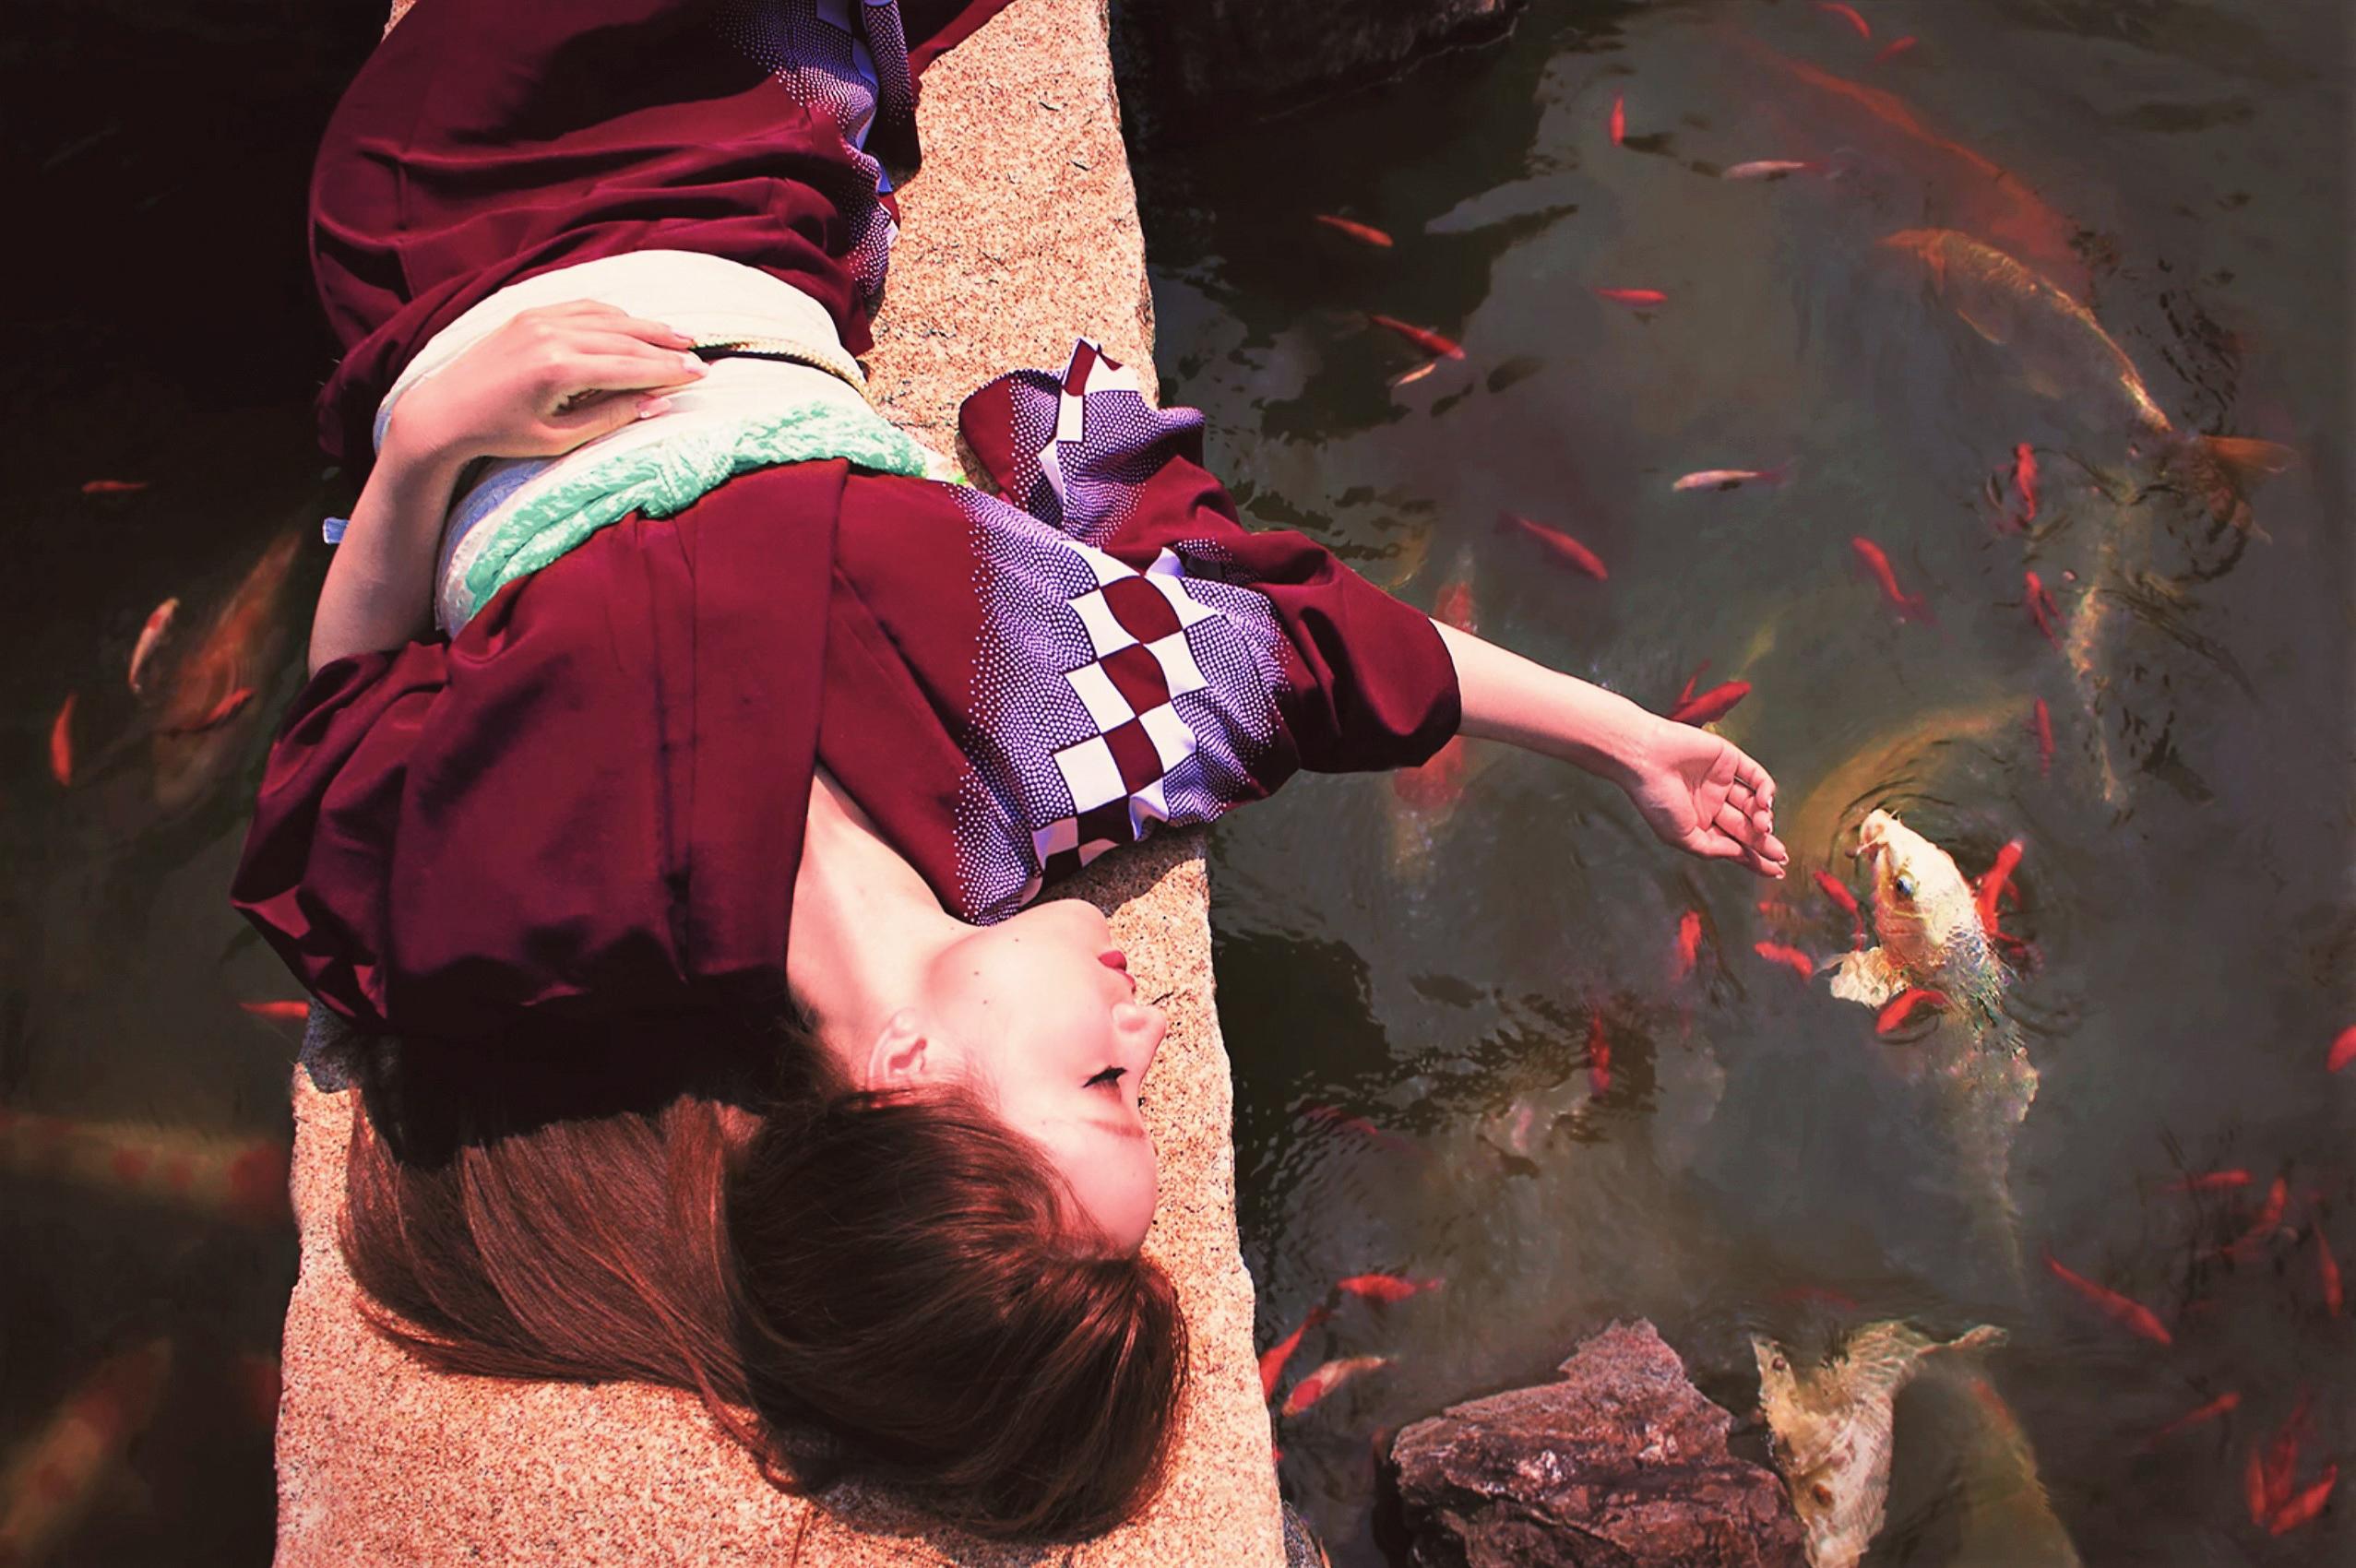 Ayaka and Fish